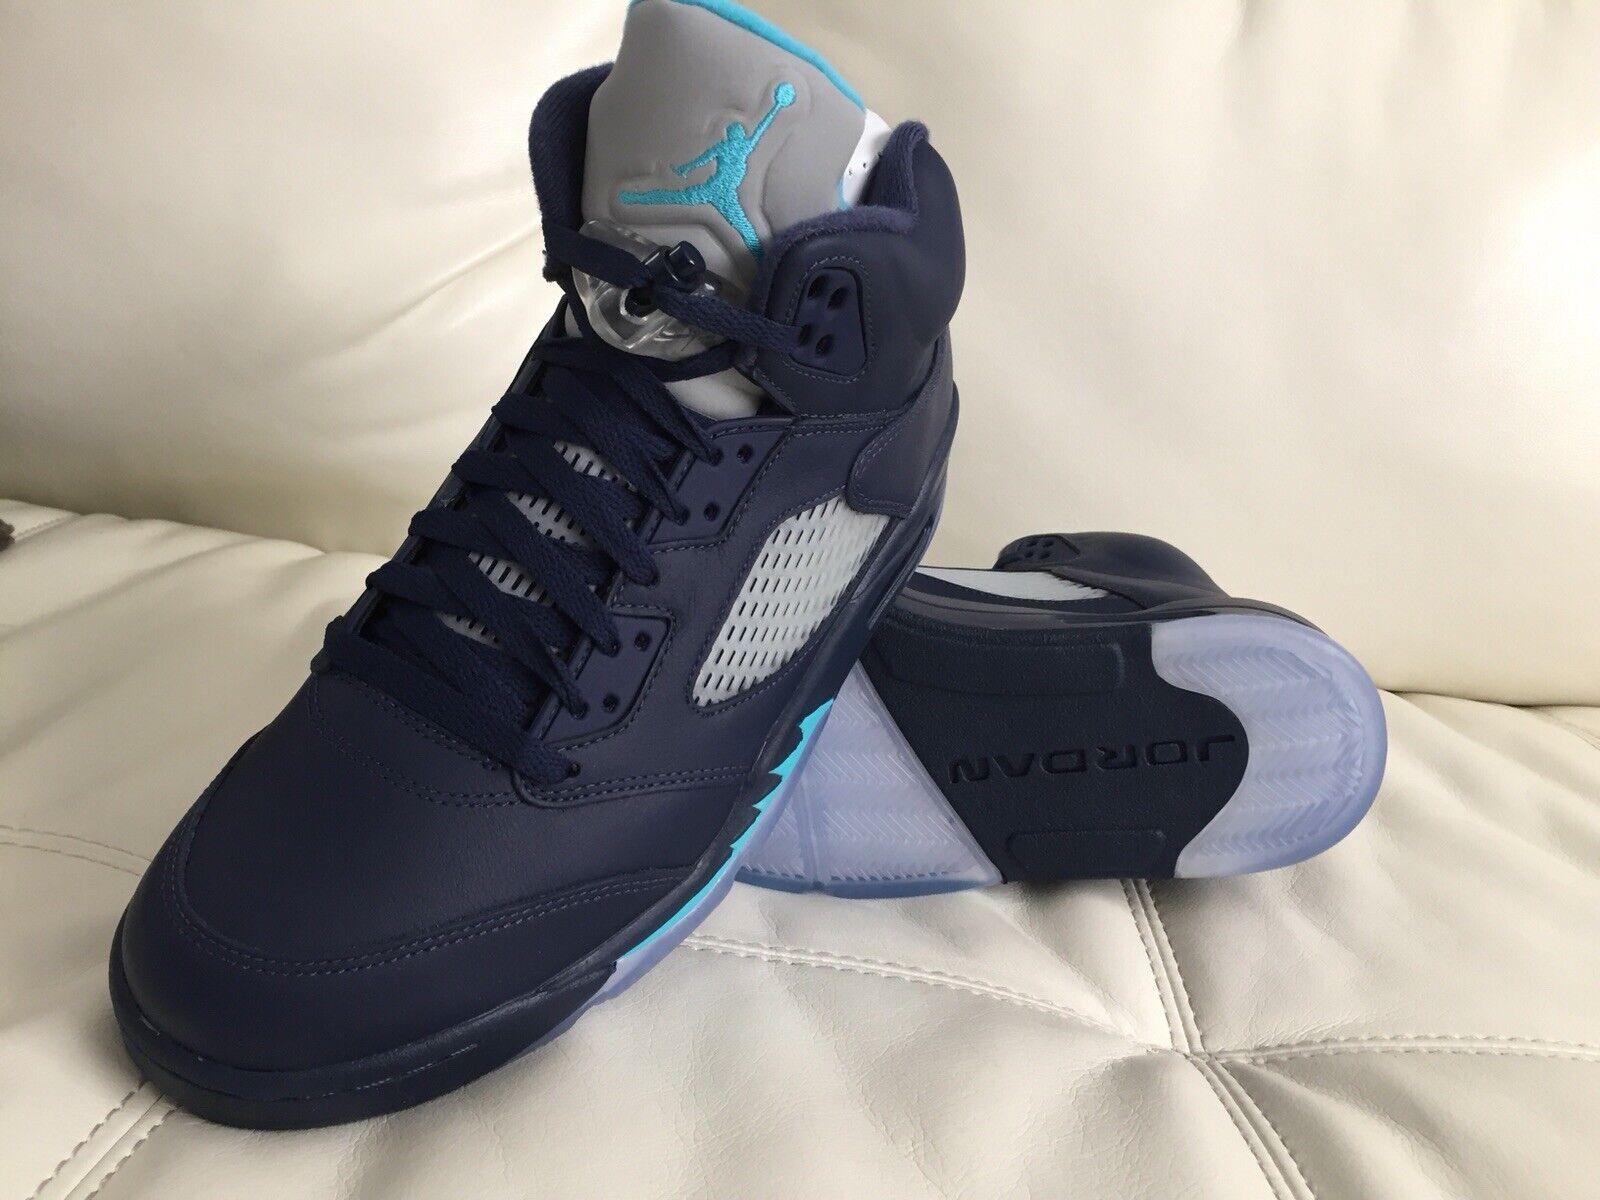 Air Jordan Retro 5 5 5 Pre Grape Dimensione Uomo US 10.5 Bnib Ds 100% Authentic Always 868bfe